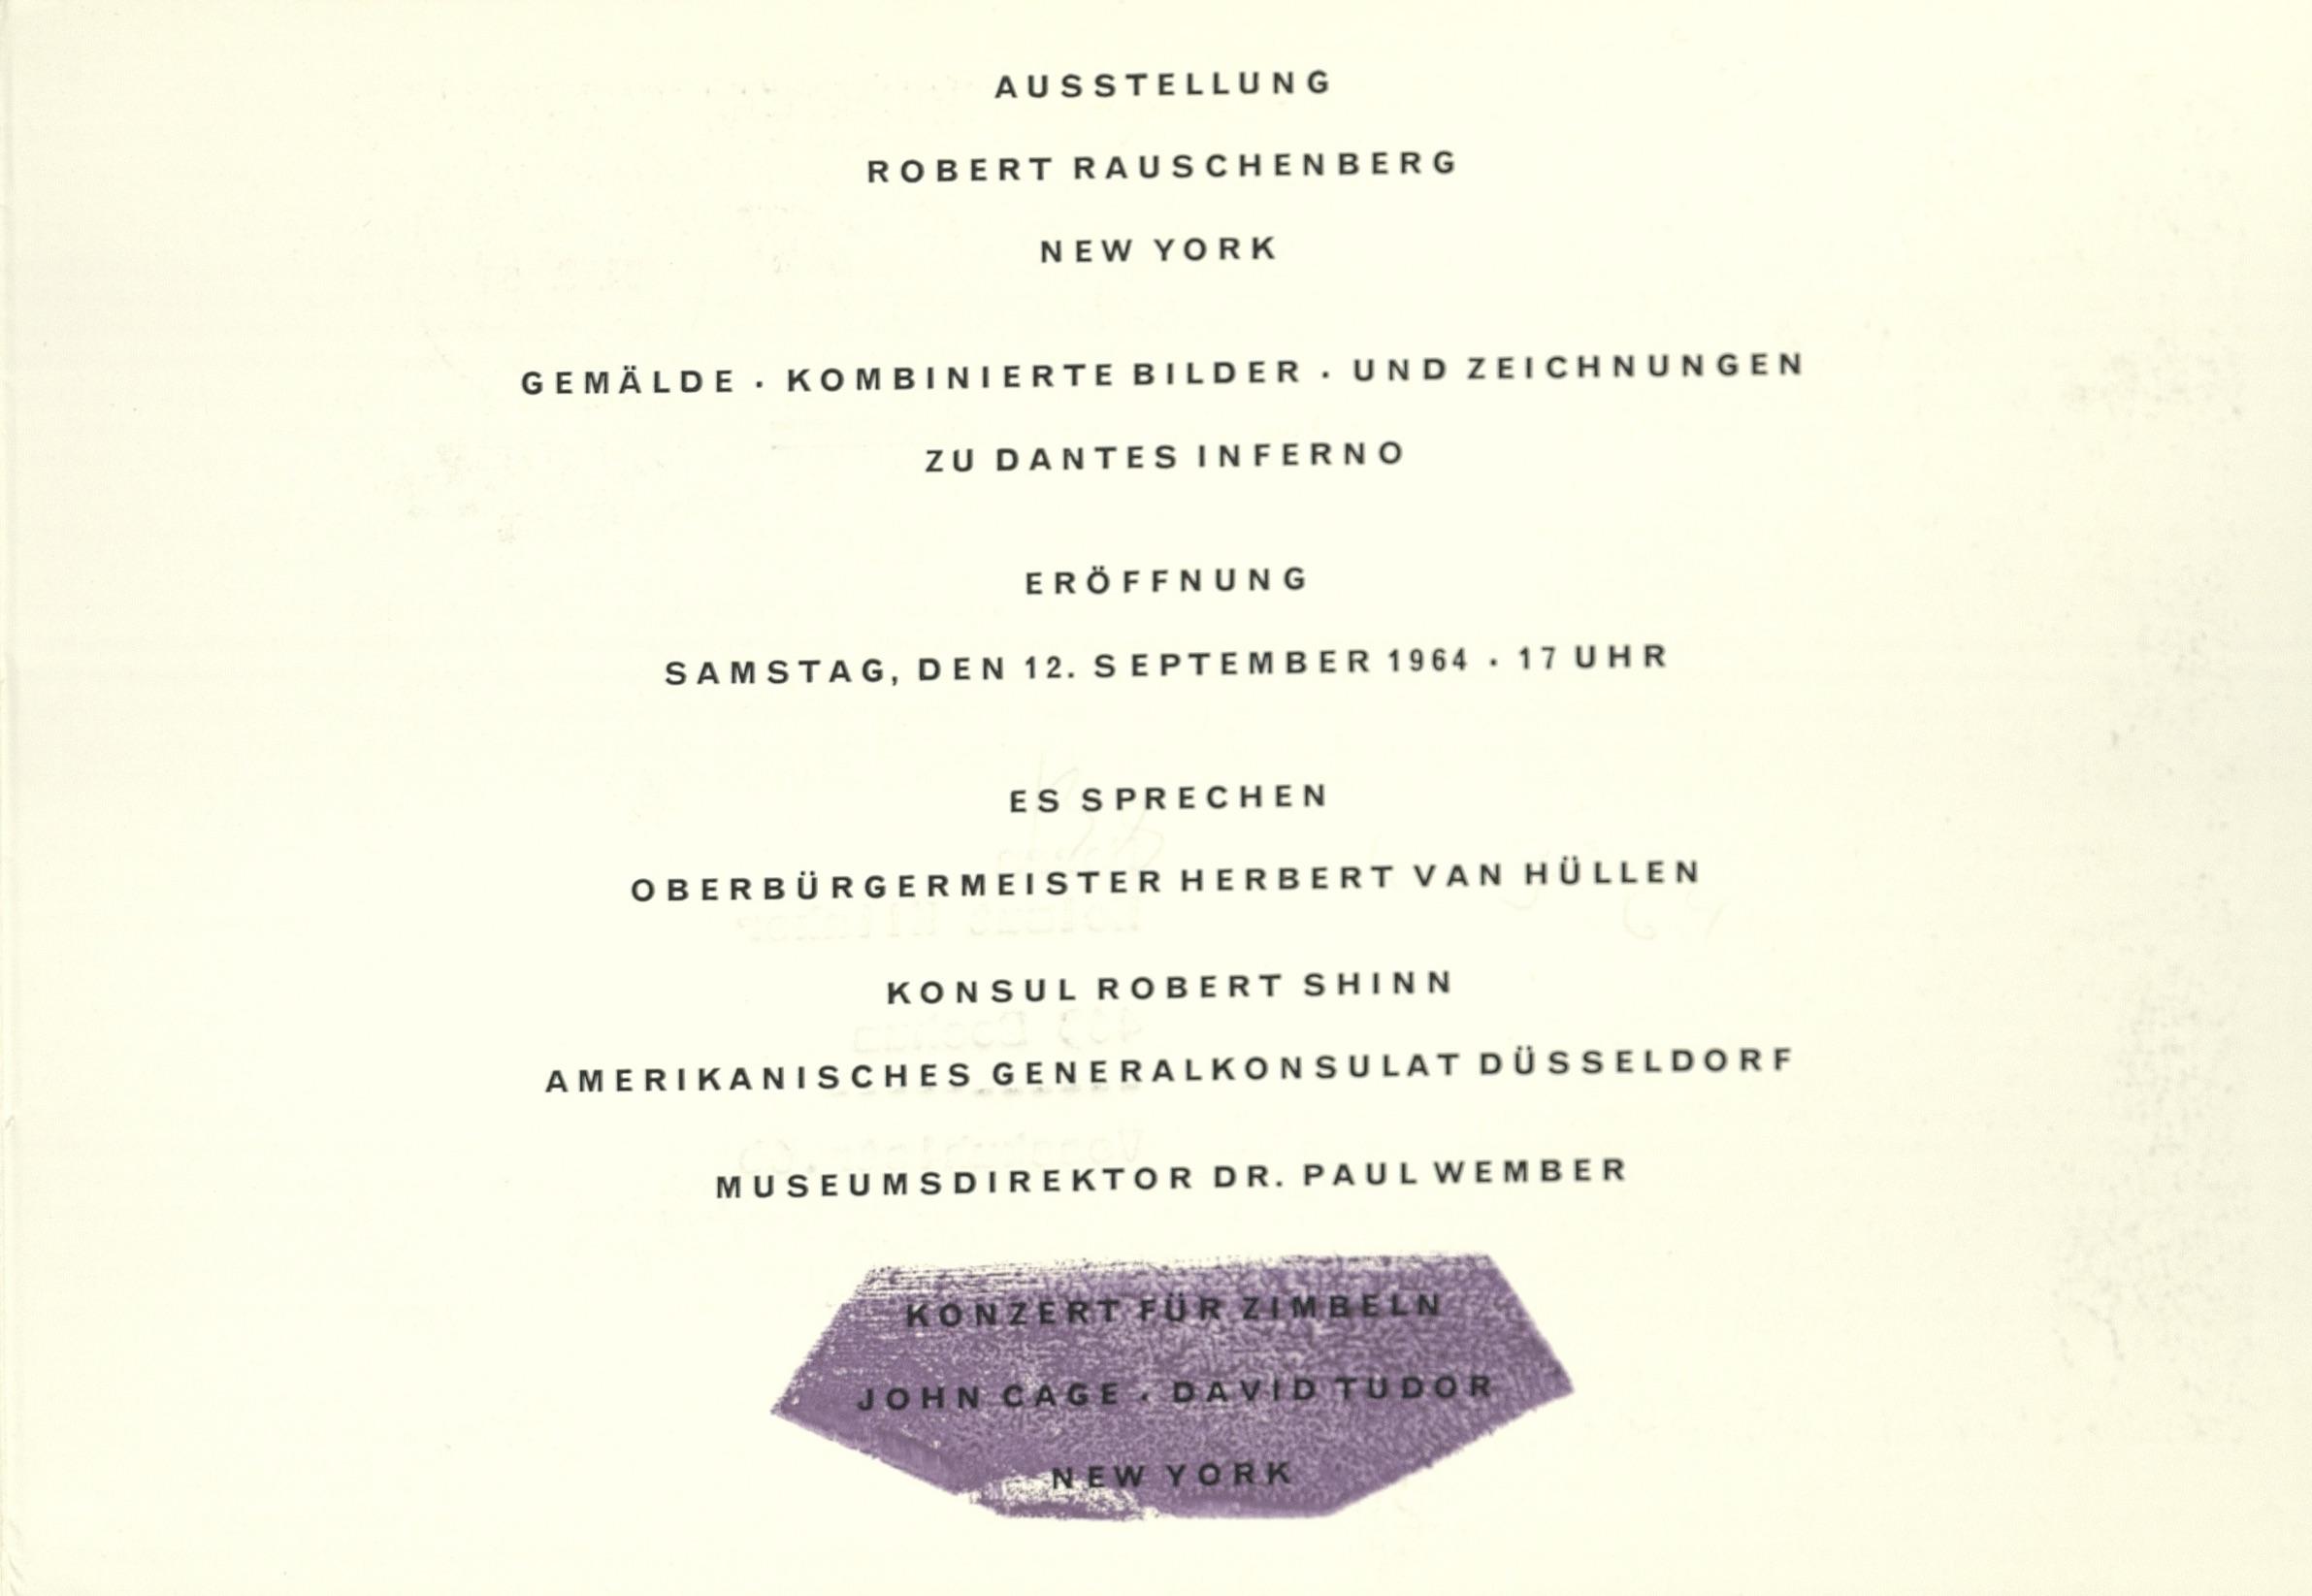 Robert Rauschenberg, Museum Haus Lange Krefeld 1964 (INVITATION); Archiv der Avantgarden, Staatliche Kunstsammlungen Dresden © VG Bild-Kunst, Bonn